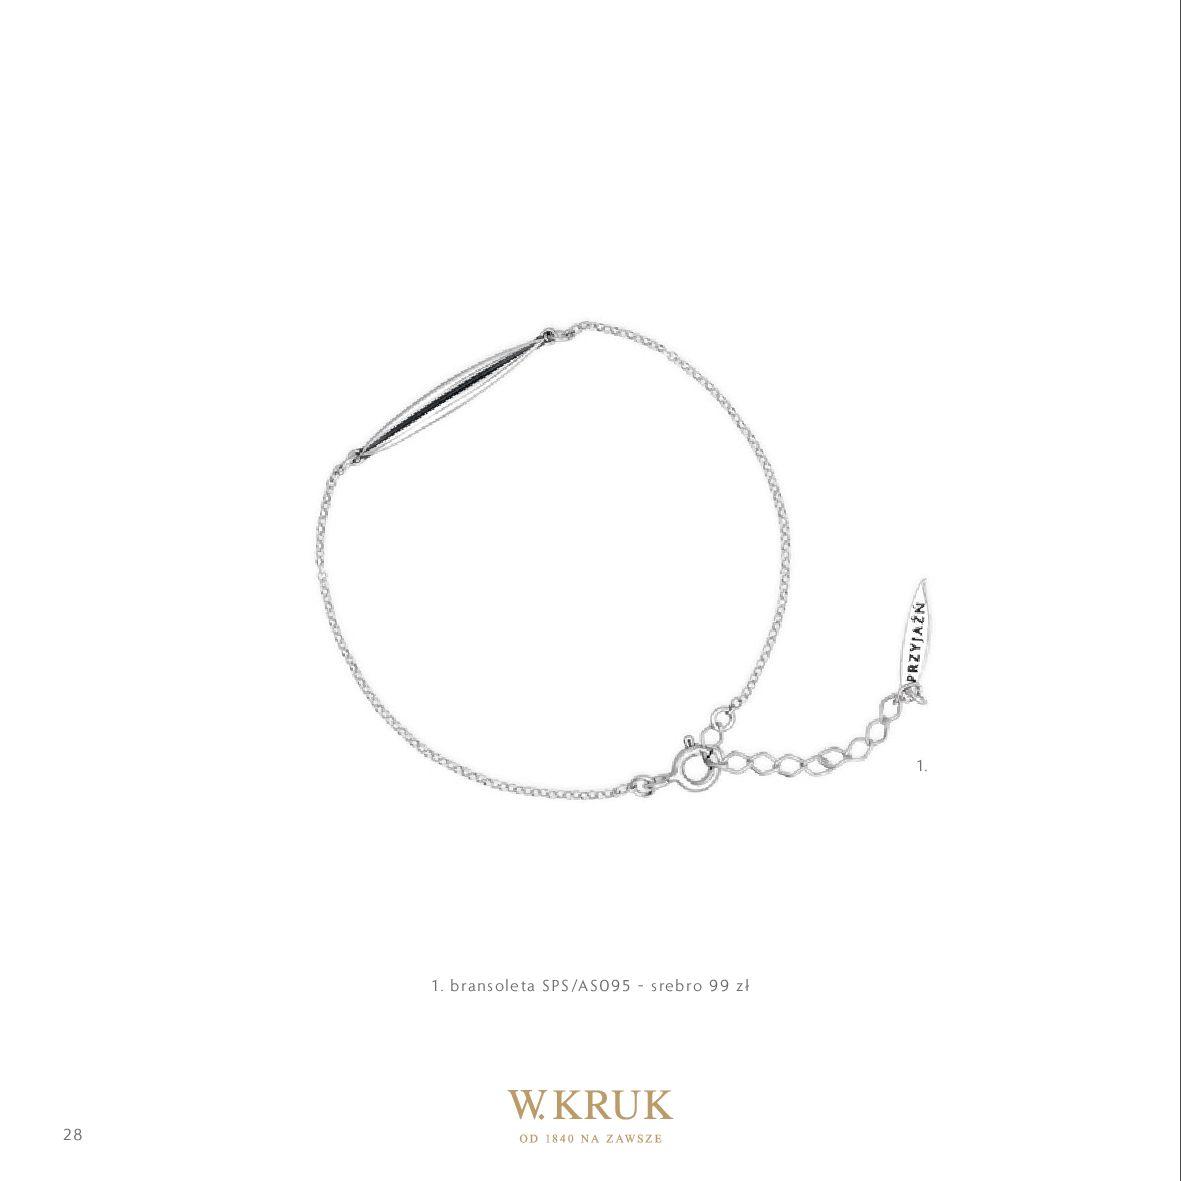 Gazetka W. KRUK: Katalog - Kolekcja Przyjaźń 2021-02-17 page-30